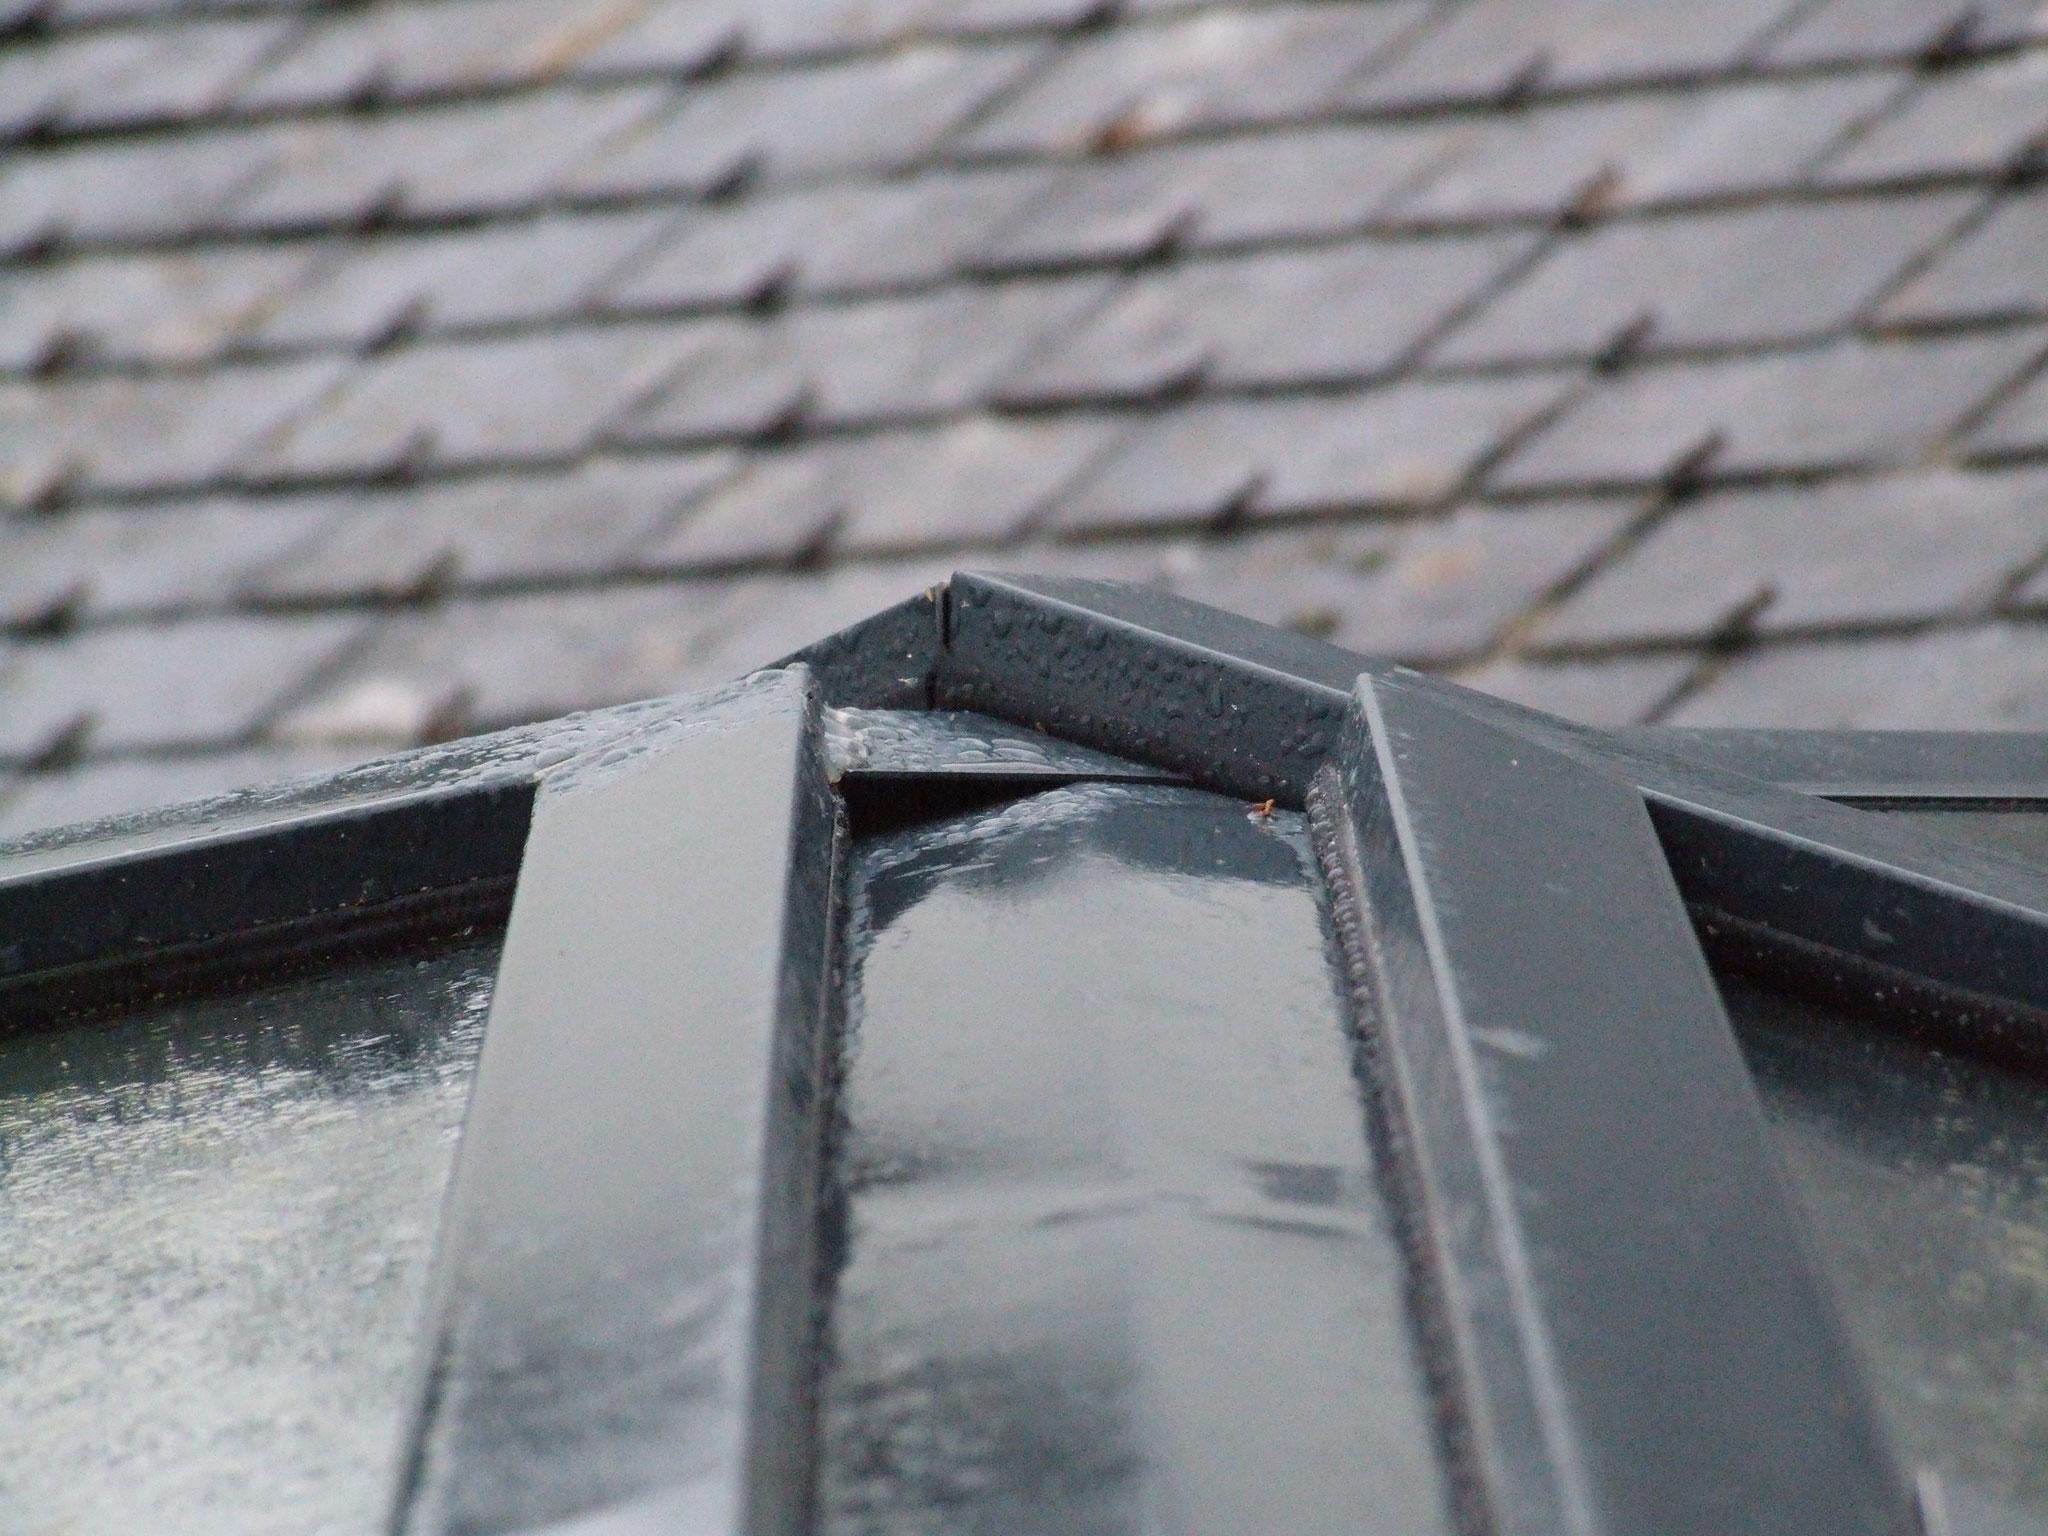 joint extérieur entre chevron et arbalétrier au faitage : ouvert + prise au vent = infiltration inévitable